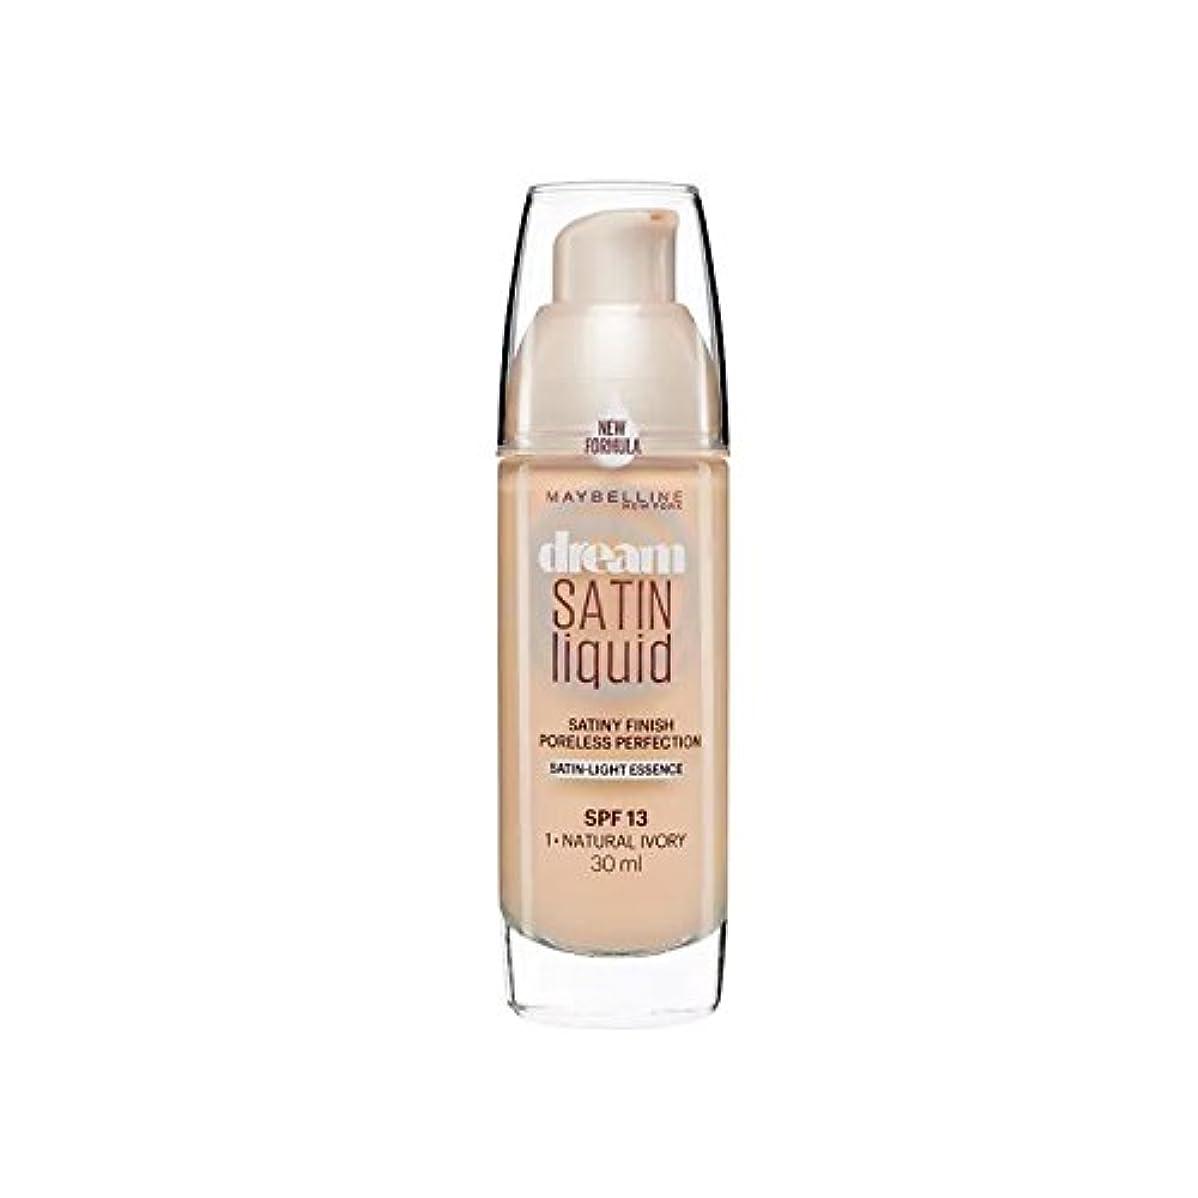 シャックル惑星ビリーMaybelline Dream Satin Liquid Foundation Natural Ivory 30ml (Pack of 6) - メイベリンの夢のサテンリキッドファンデーションナチュラルアイボリー30ミリリットル...